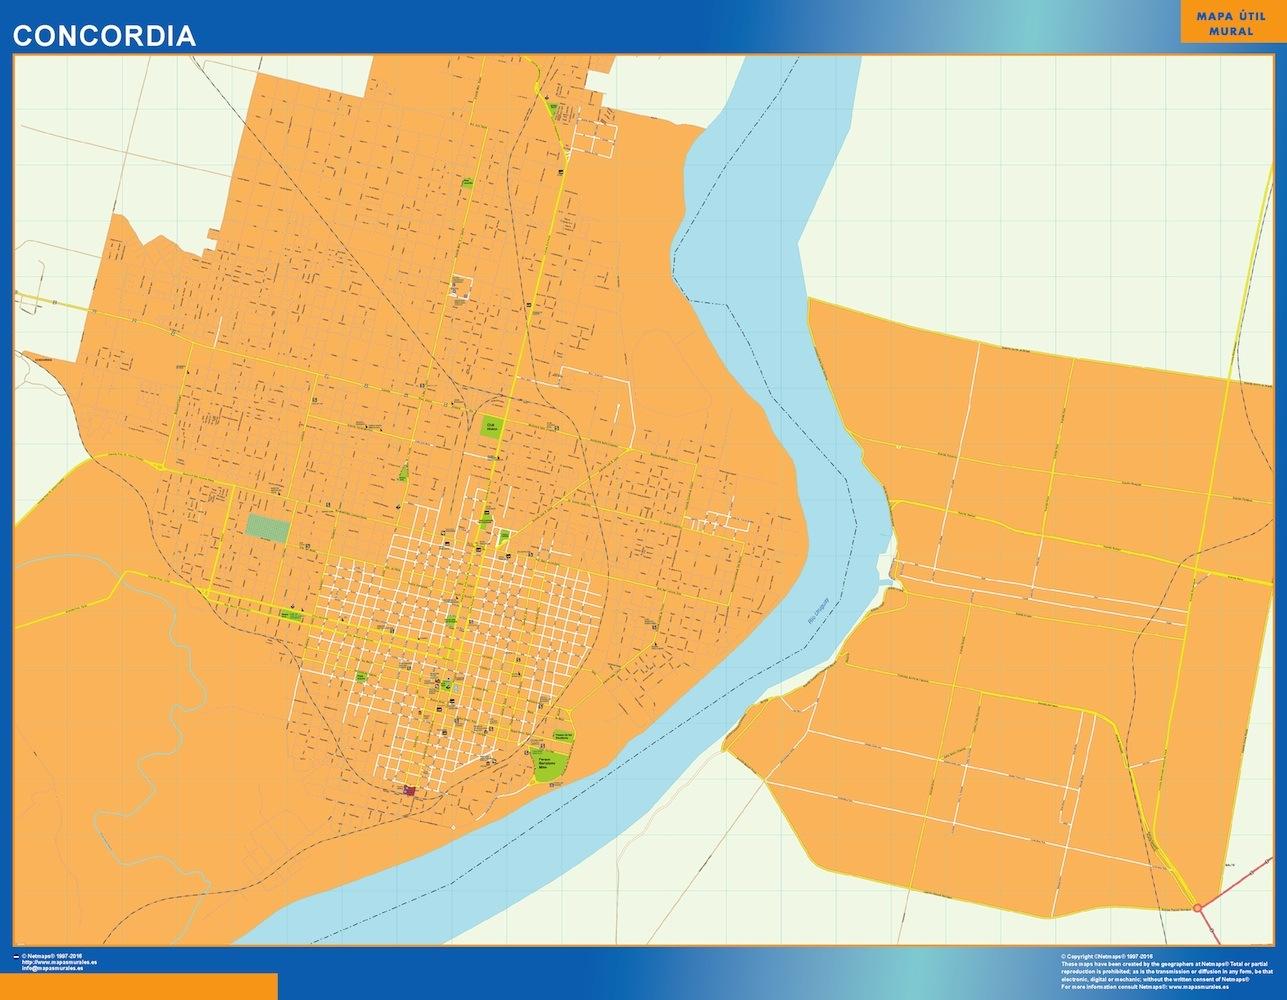 Mapa Concordia en Argentina plastificado gigante